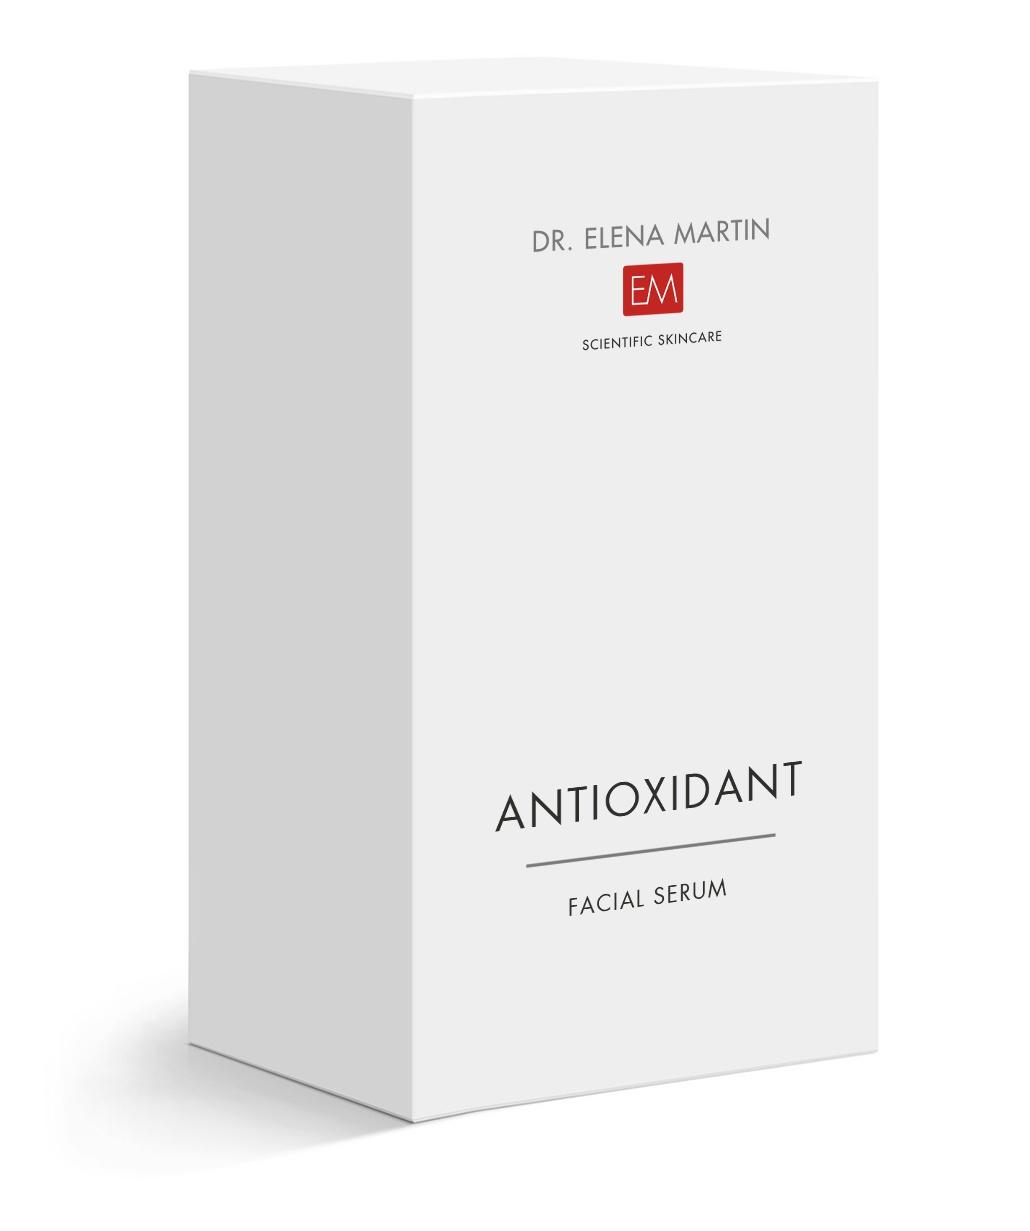 EM Scientific Skincare Antioxidant Facial Serum